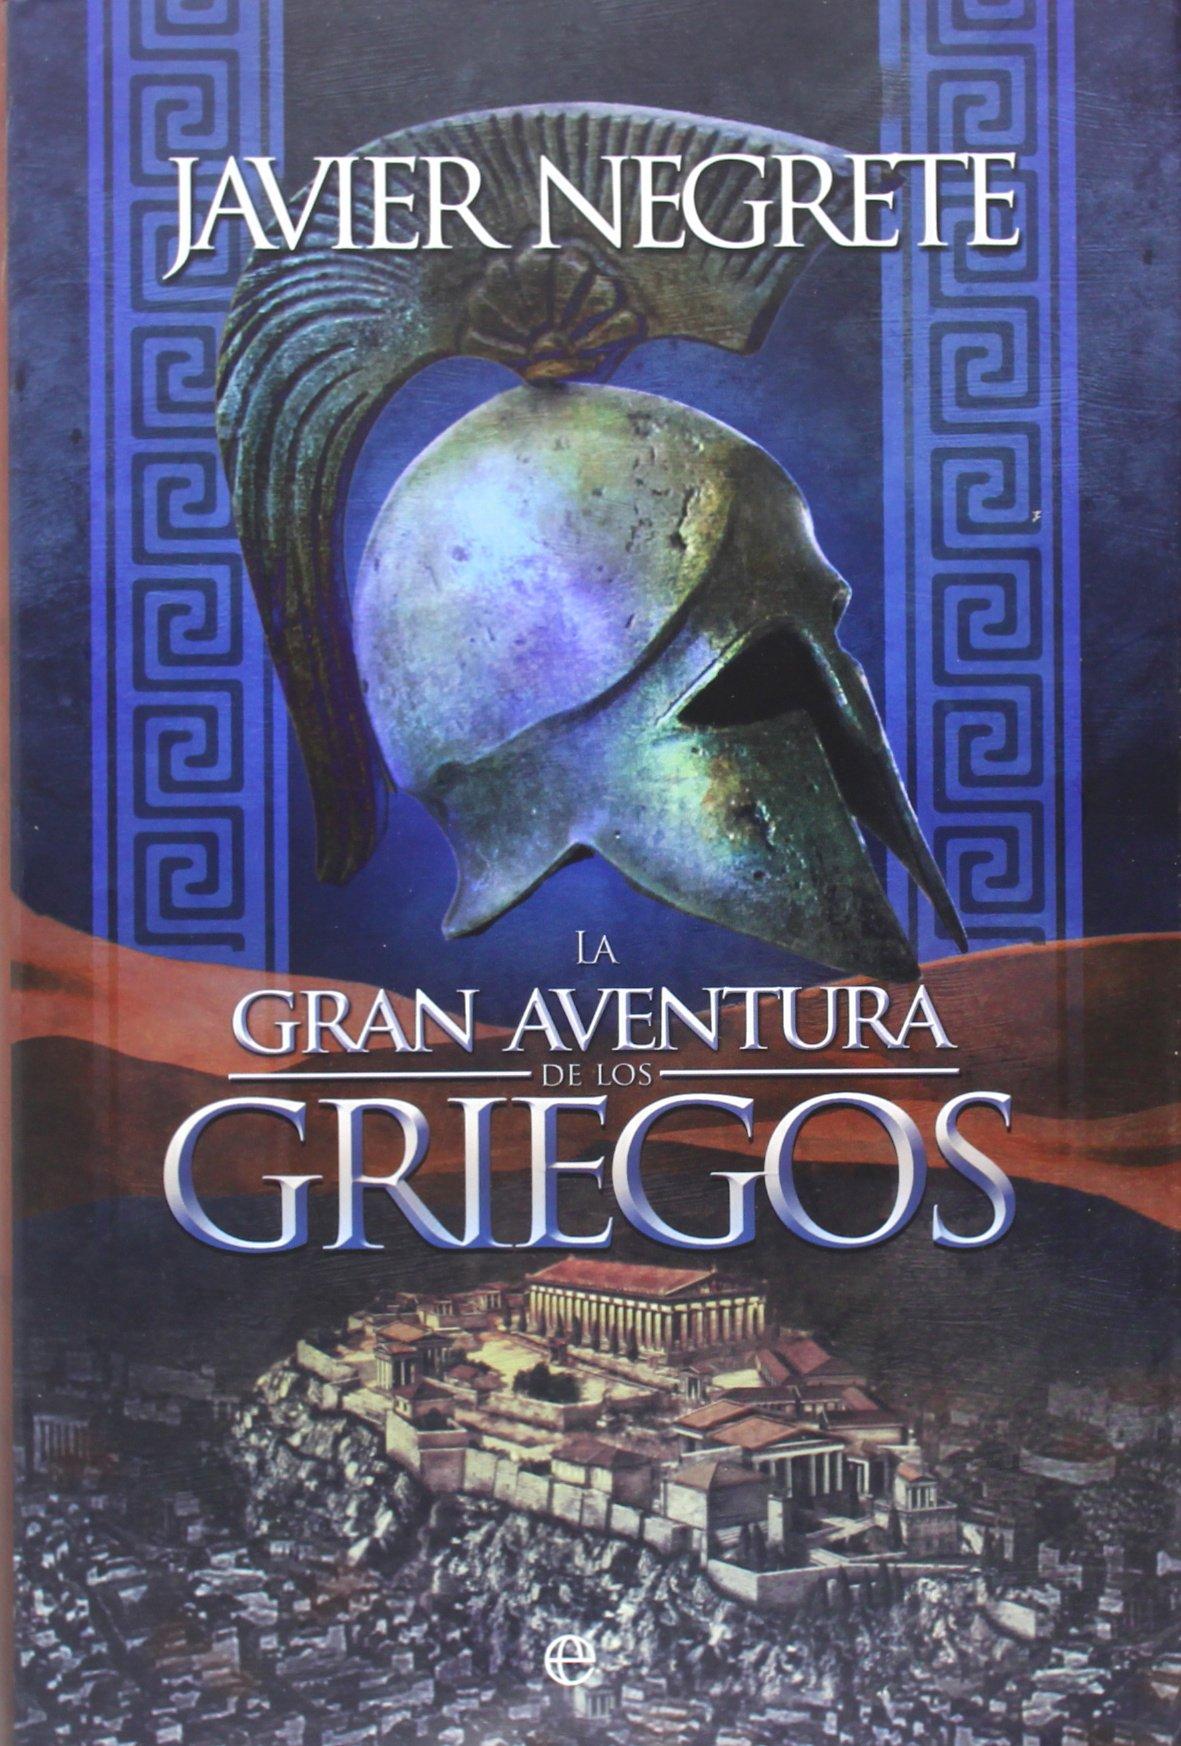 La Gran aventura de los griegos (Historia): Amazon.es: Javier Negrete  Medina: Libros